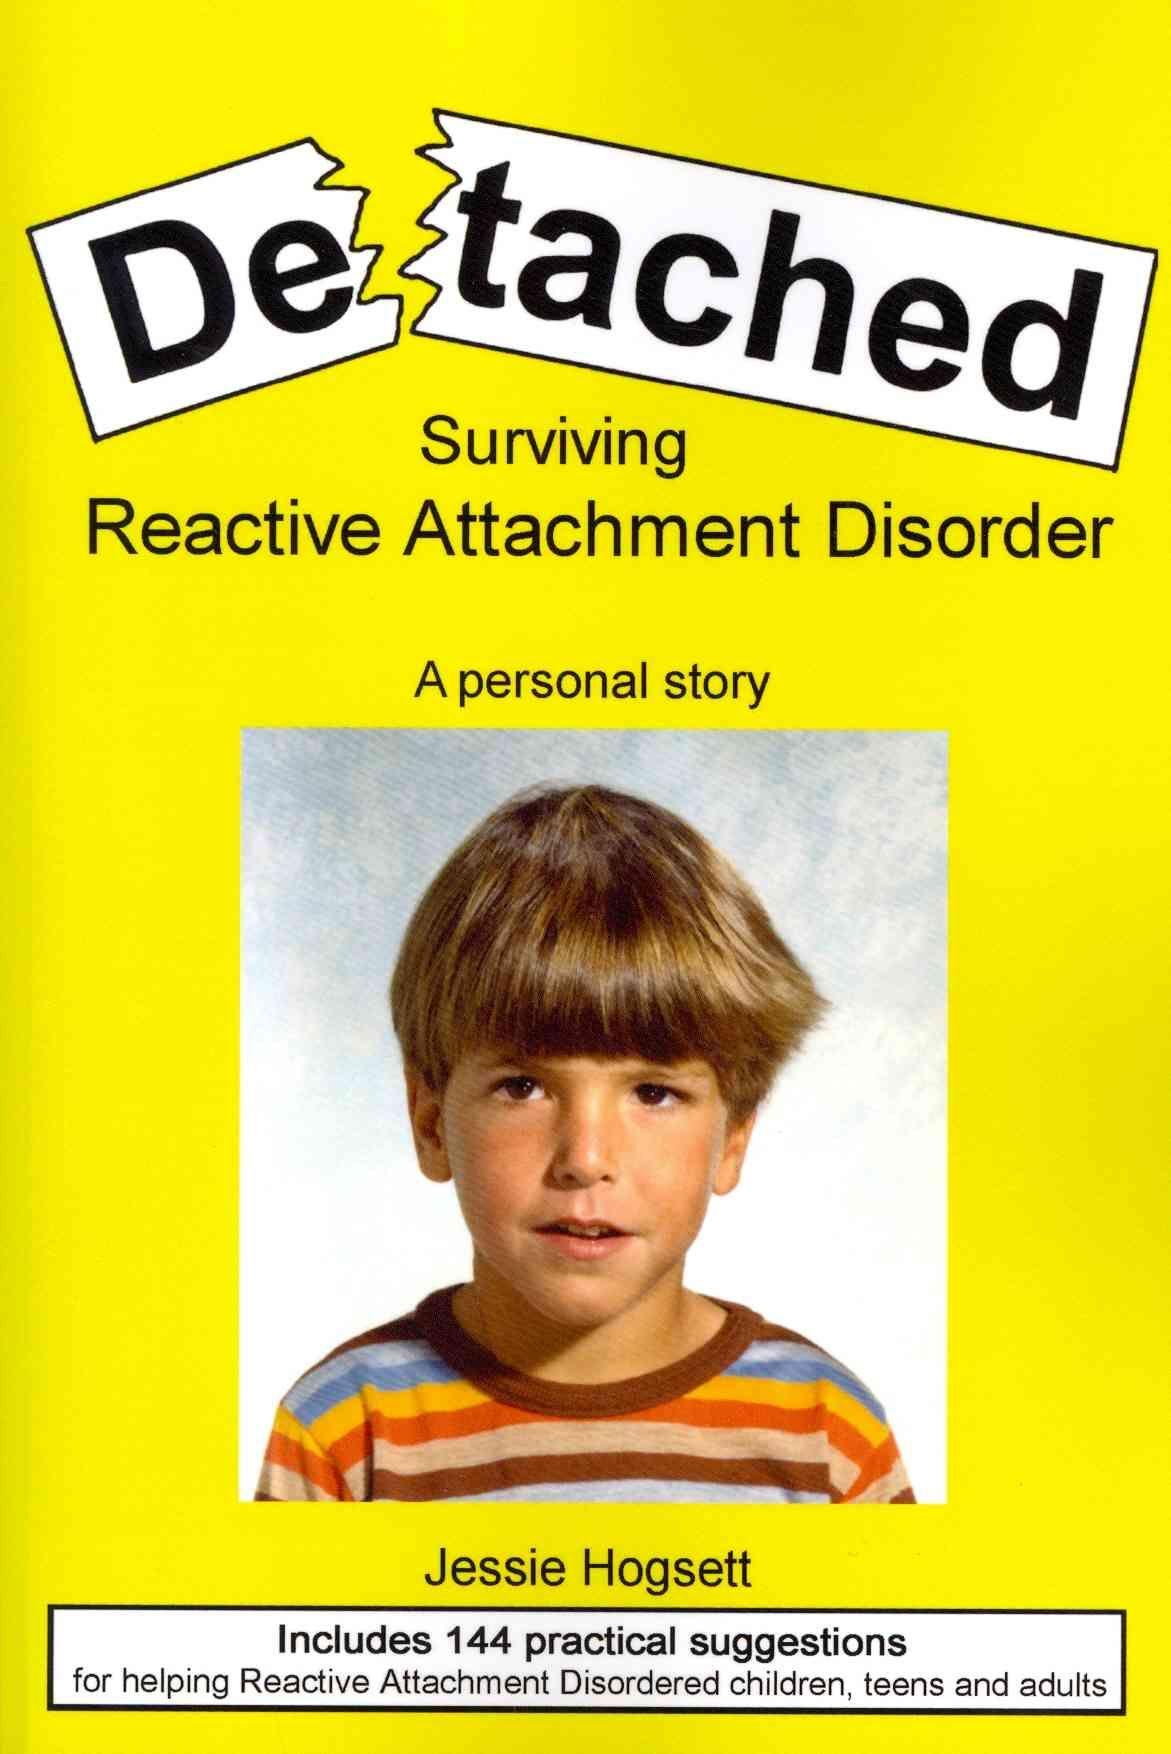 Detached Surviving Reactive Attachment Disorder